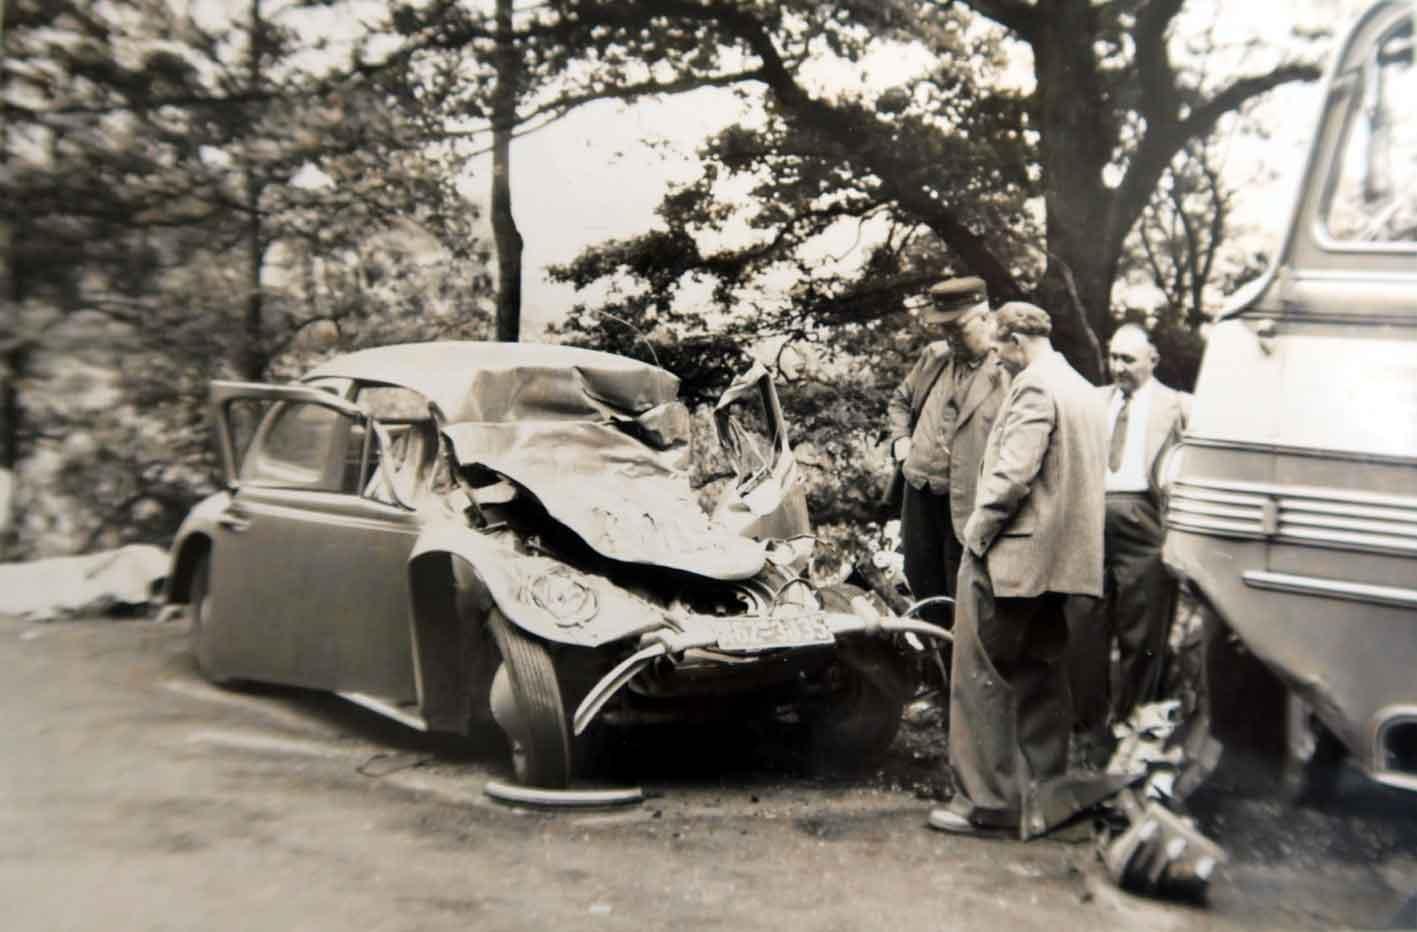 """Bild 6296: """"Knappmüllers Fritz"""" begutachtet einen Unfallwagen - Anfang der 1950er Jahre"""